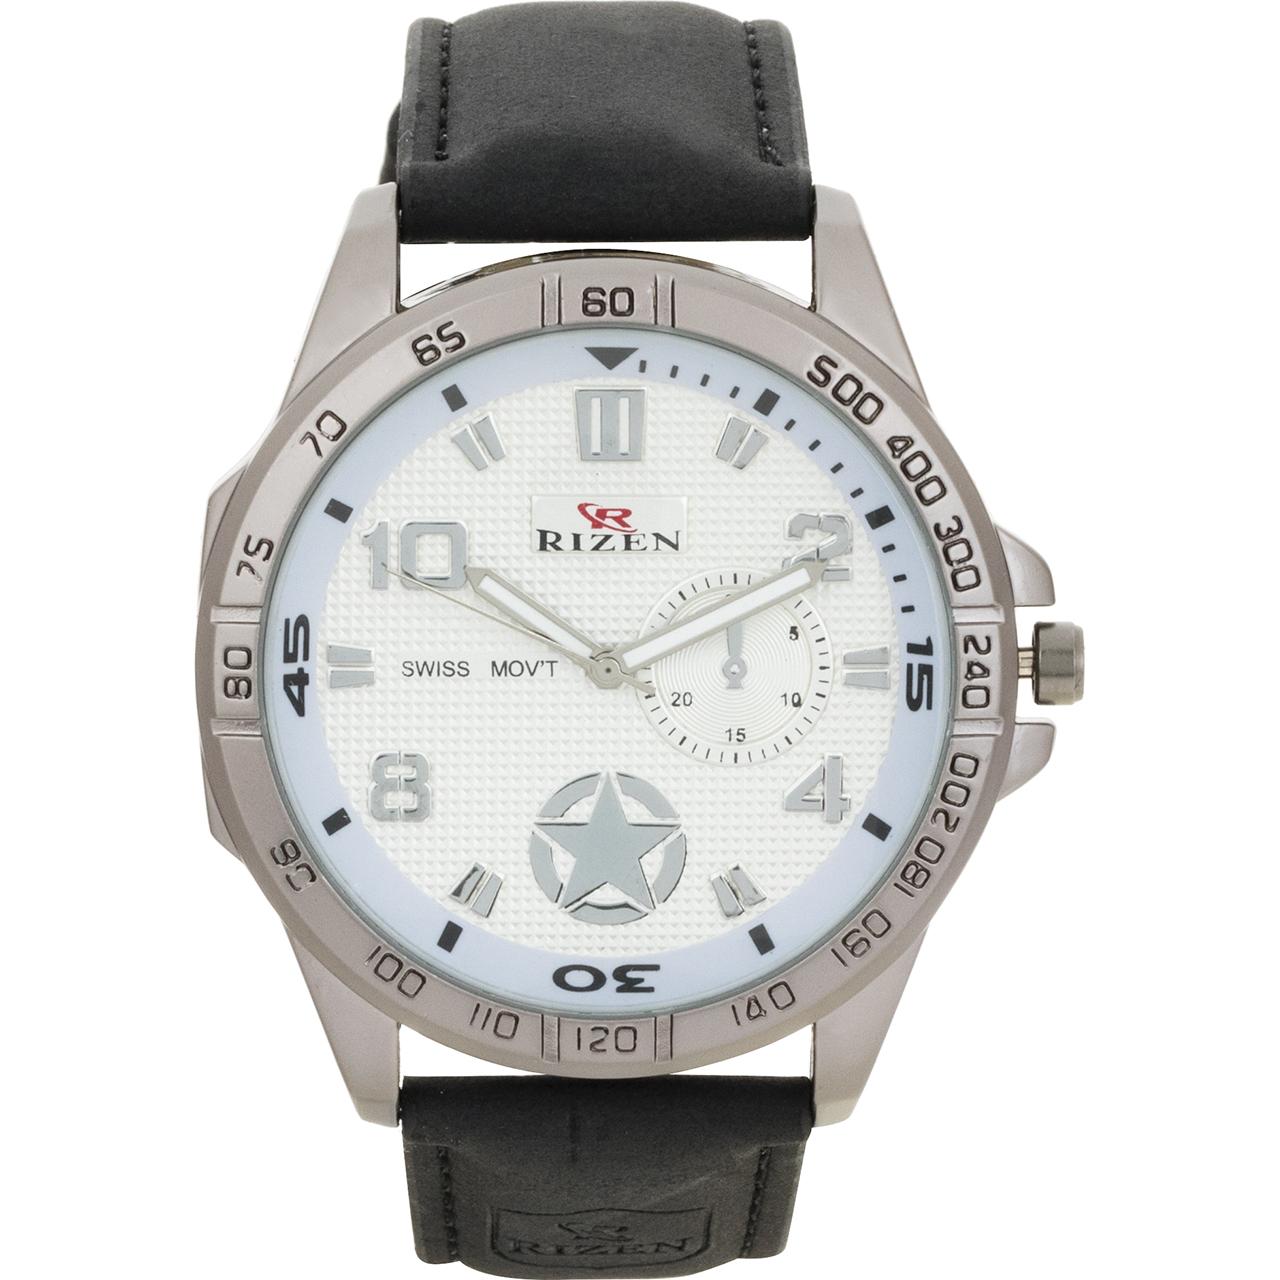 ساعت مچی عقربه ای مردانه ریزن مدل RIZEN1